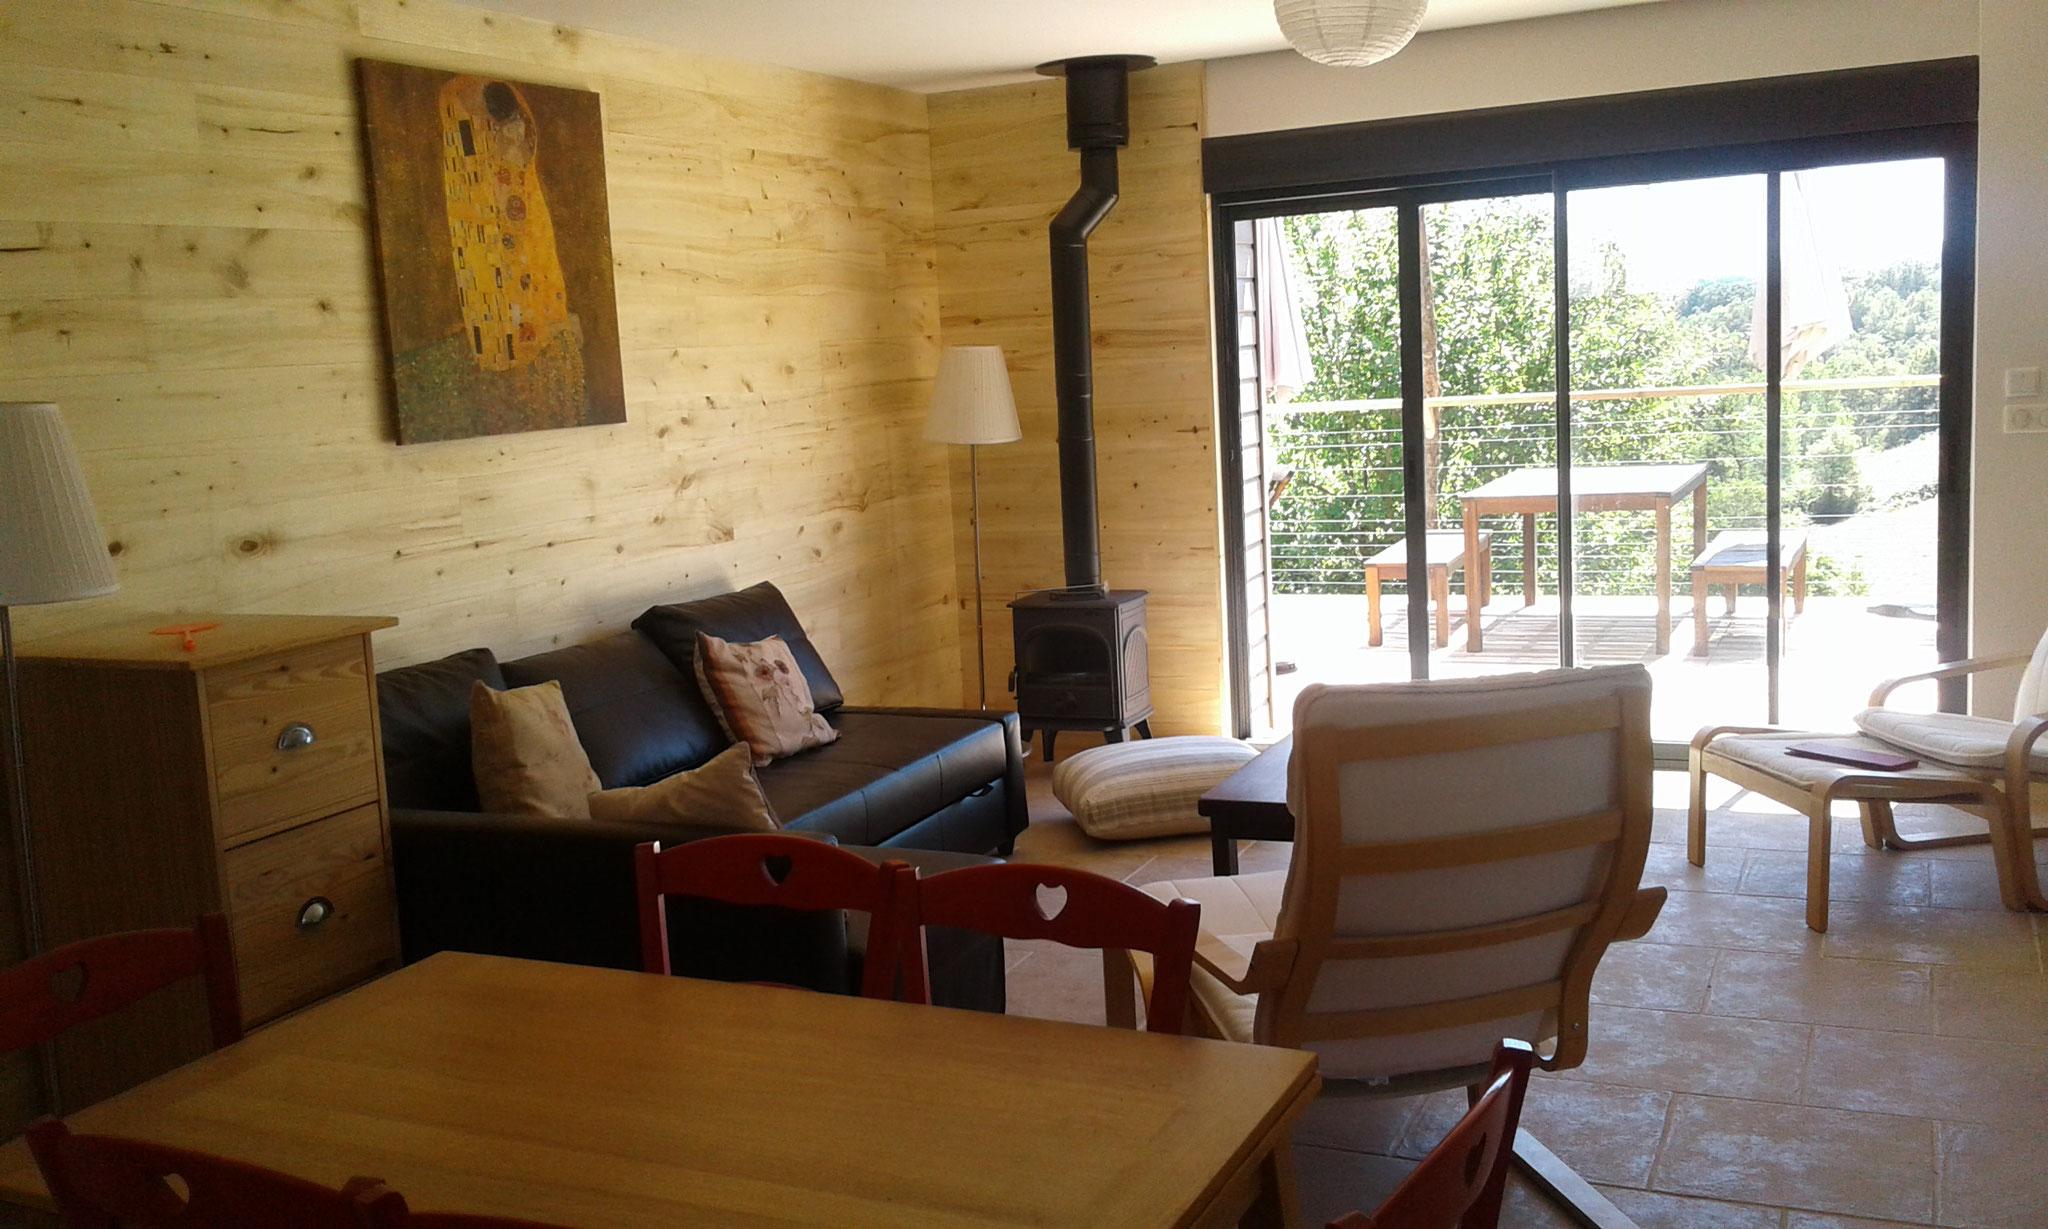 le salon avec son canapé convertible et confortable, poêle à bois, et vue sur la terrasse.